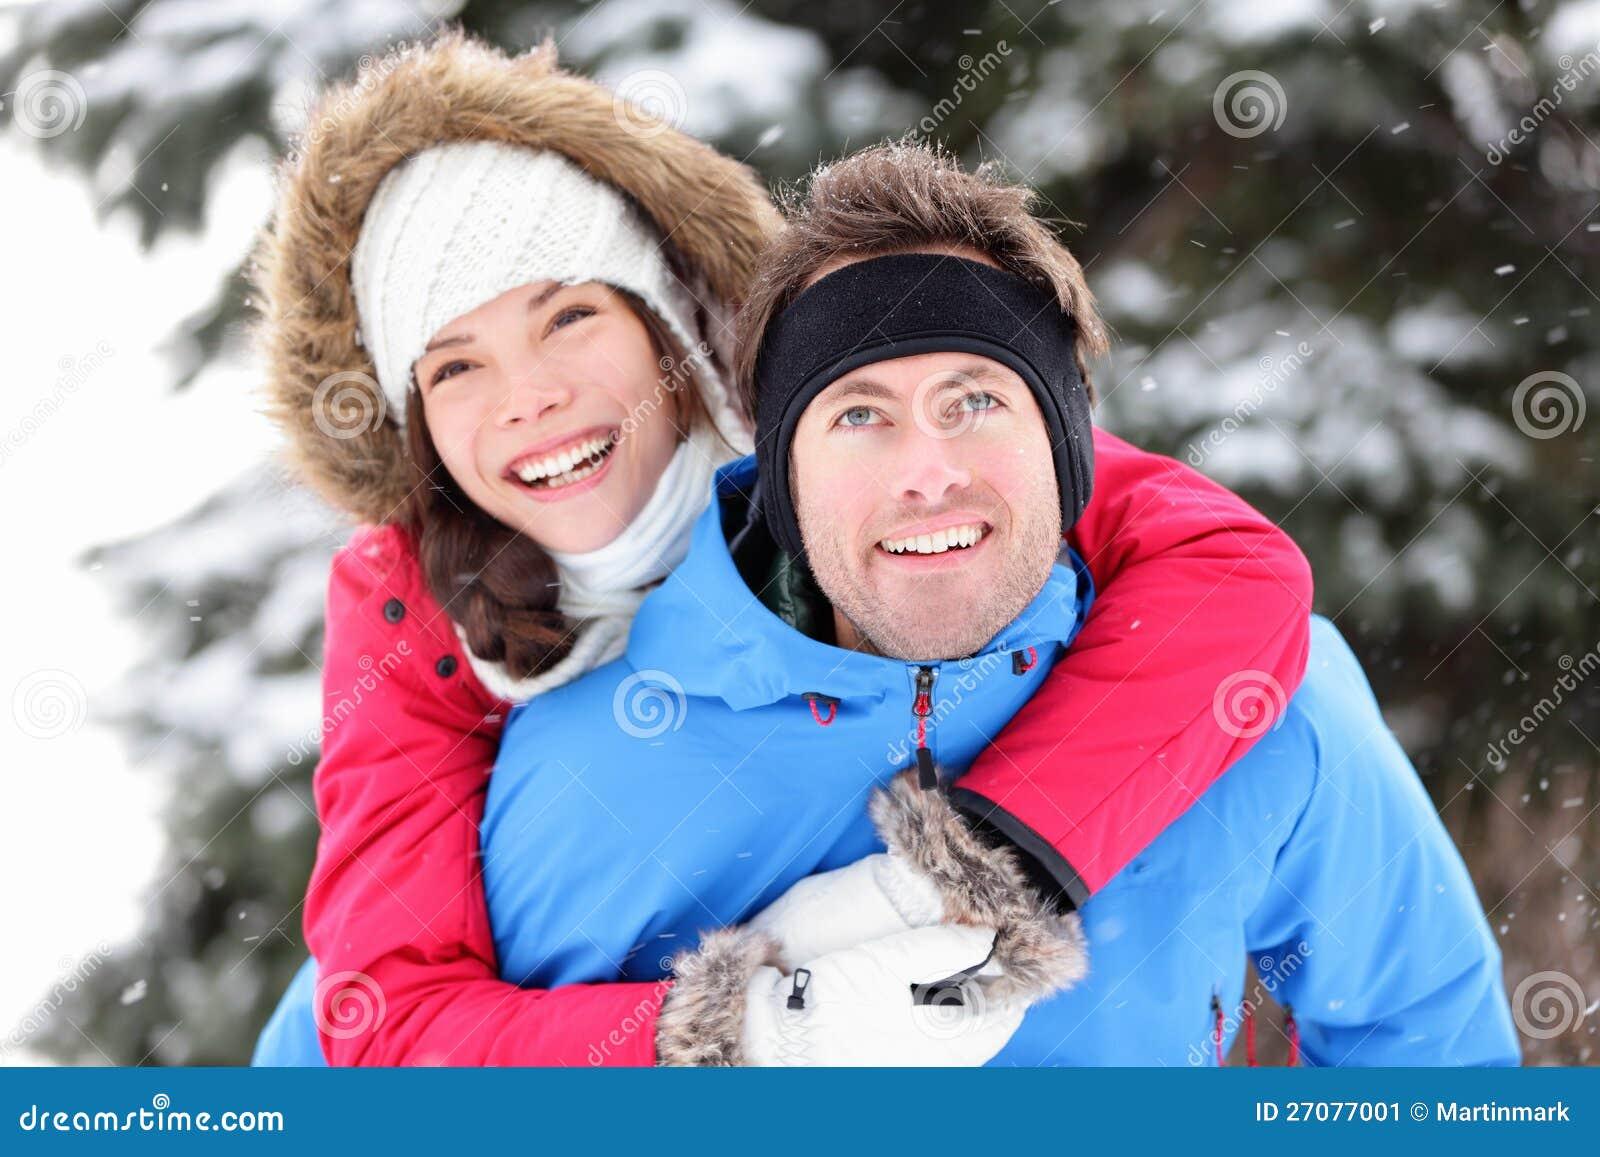 Winter couple happy piggyback